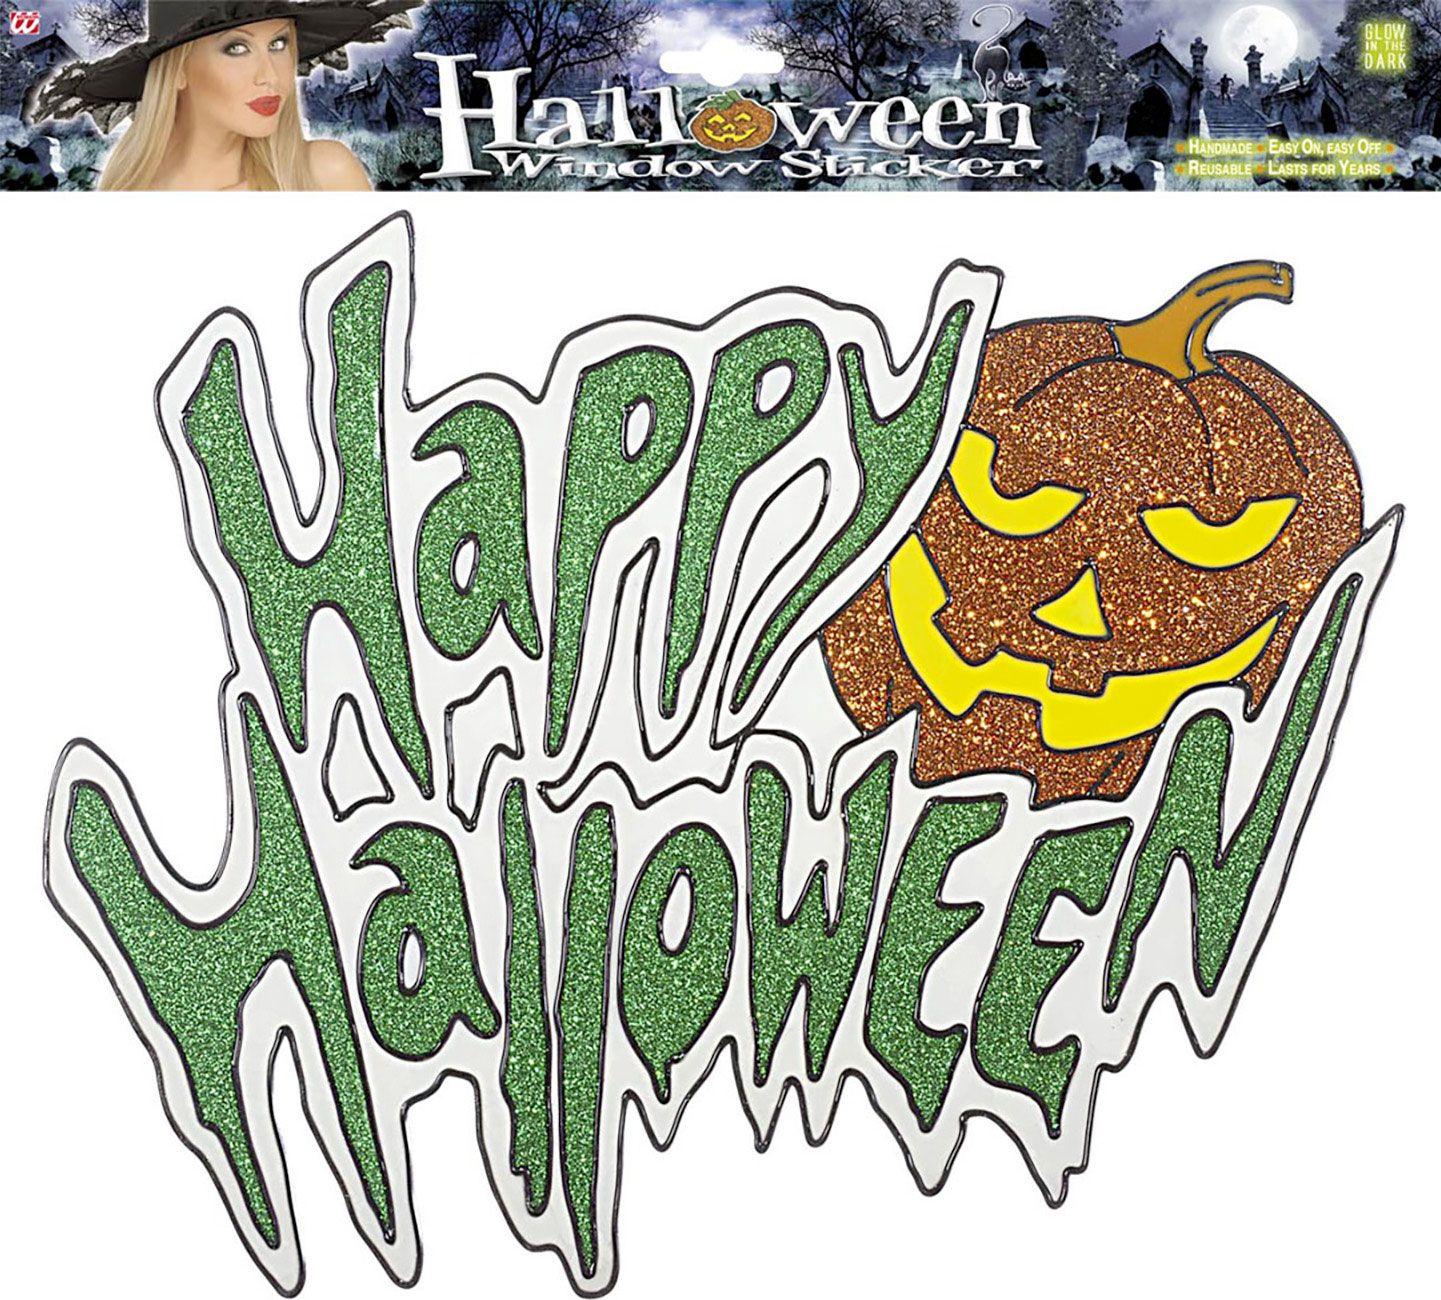 Glow in the dark halloween sticker